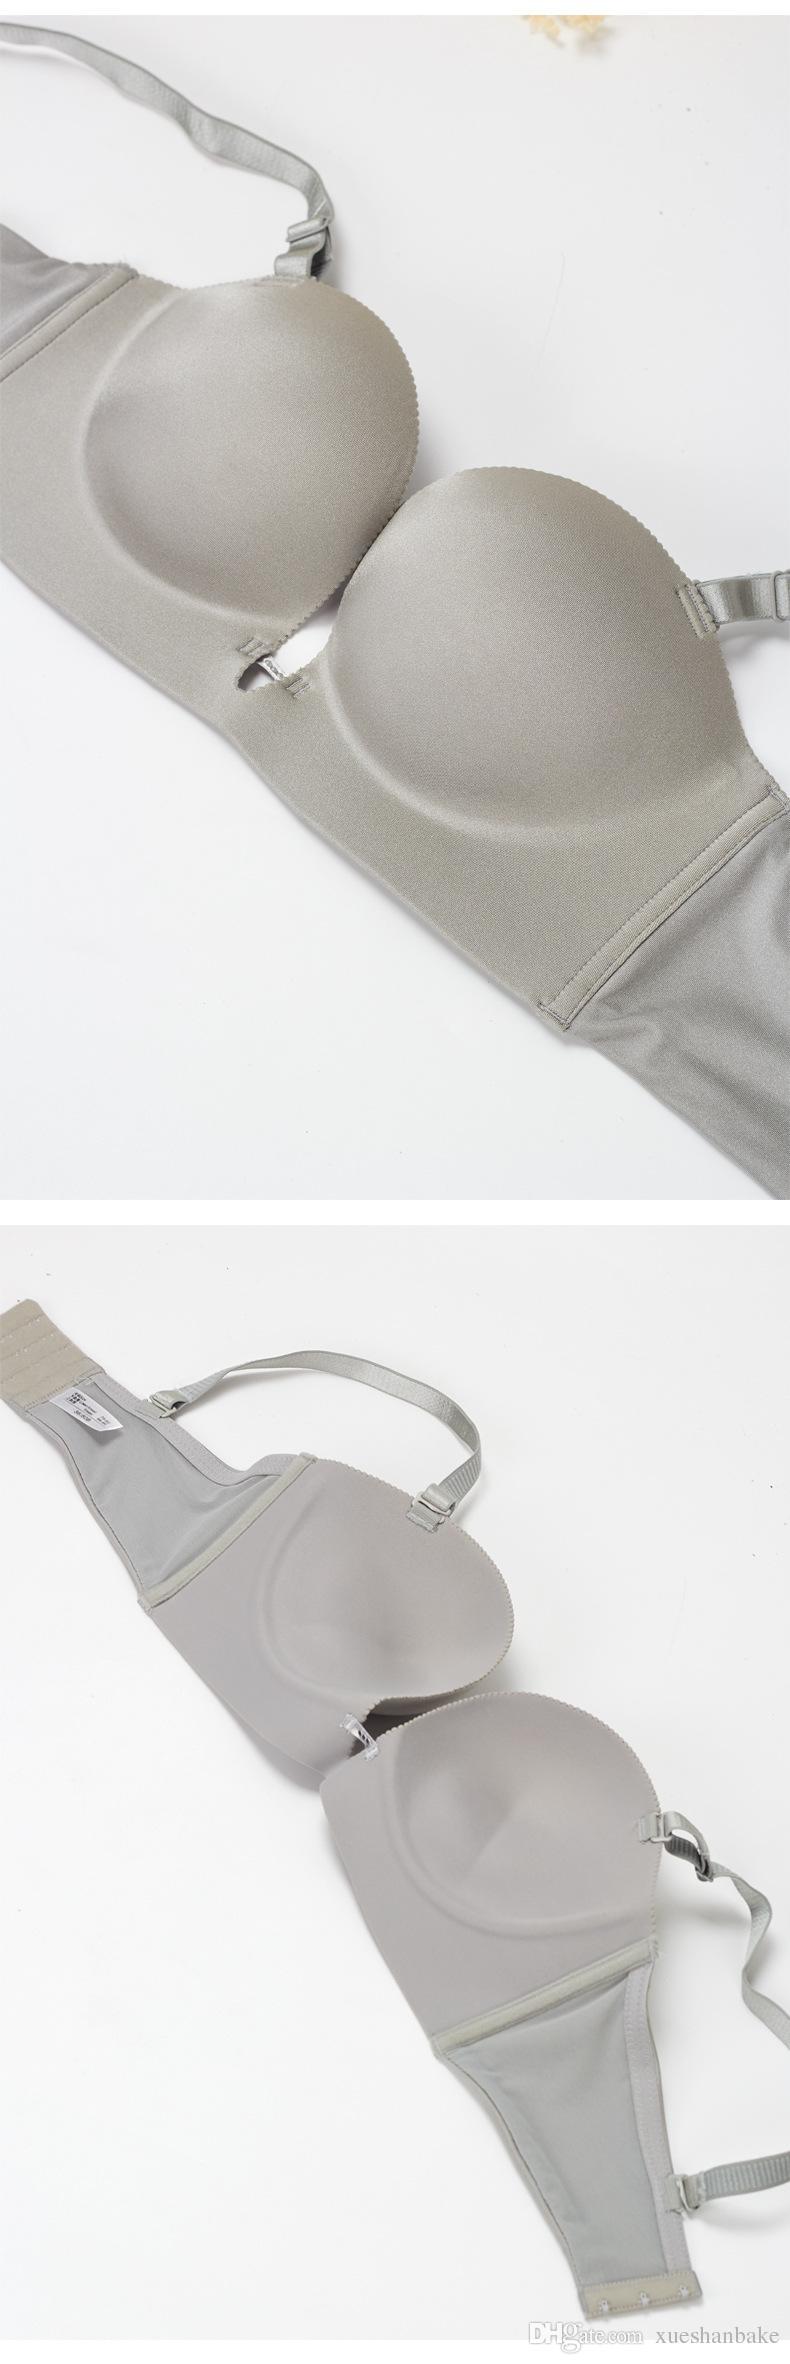 Moda seksi sütyen setleri Tek Parça derin V sütyen kız iç çamaşırı toplamak sutyen vücut şekillendirici Omuz askısı boyutu 32-38 A / B / C fincan 248A